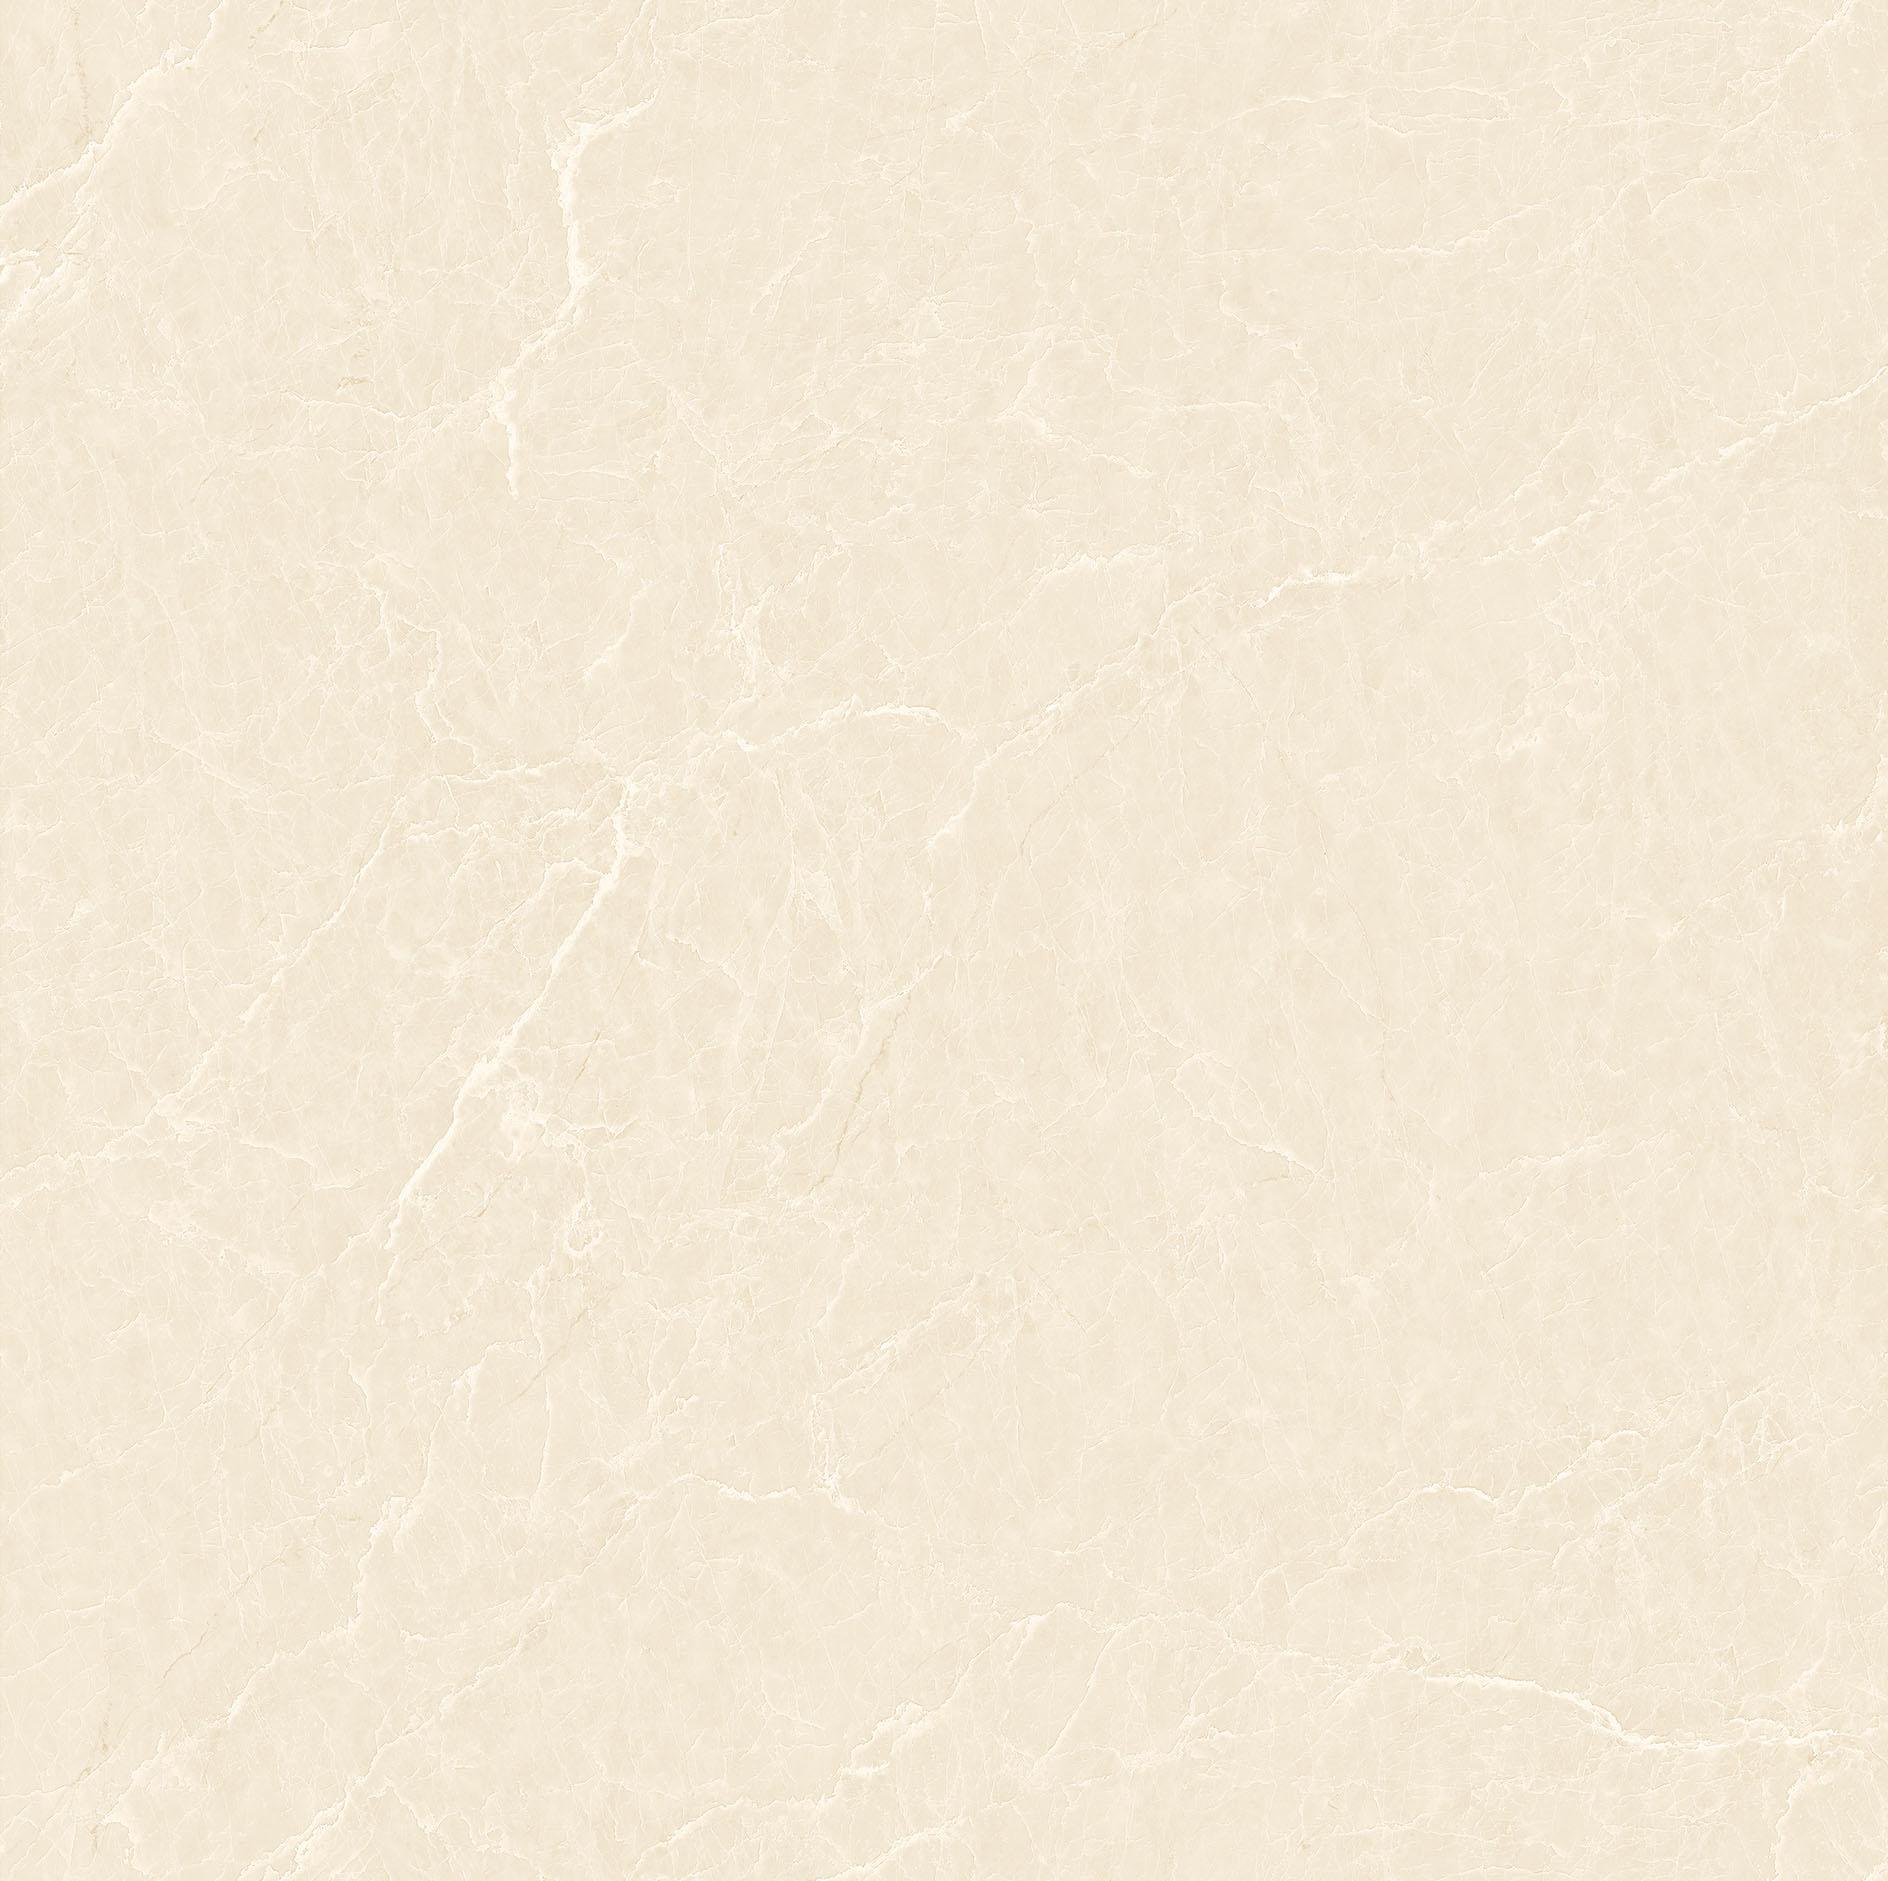 利華特惠800X800金剛大理石--P8067NJ1土耳其白玉蘭